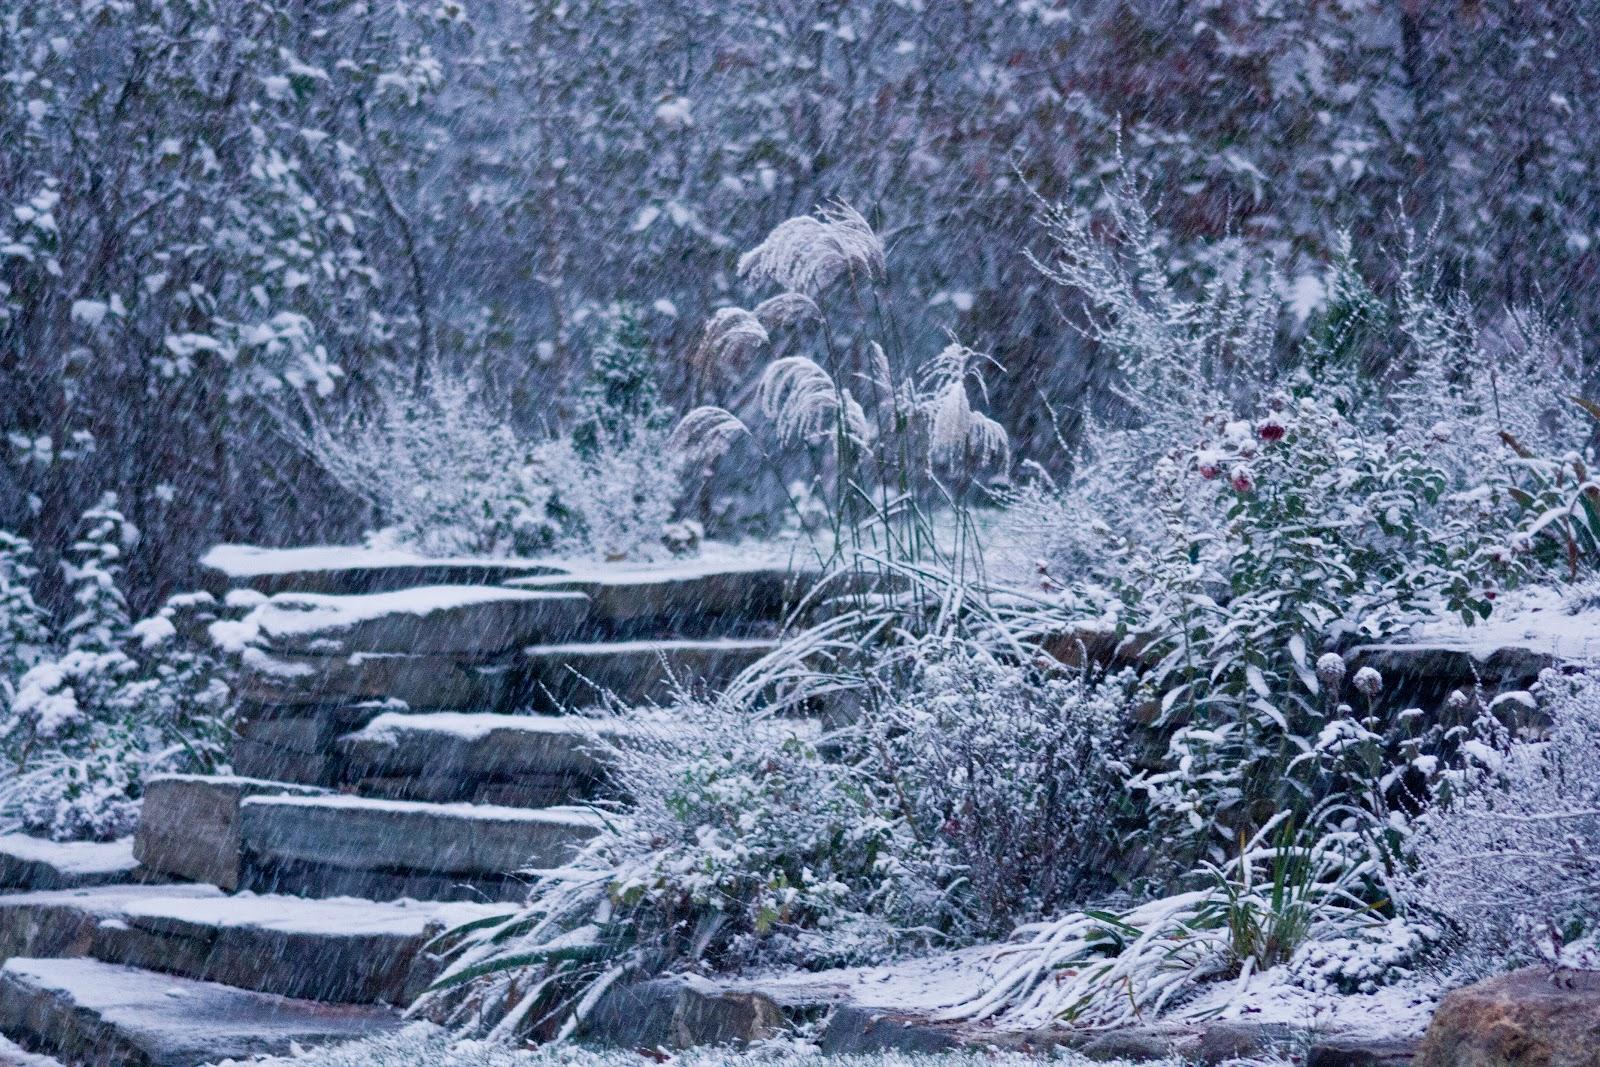 Winter Garden With Steps. Source: Kenu0027s Kitchen Garden